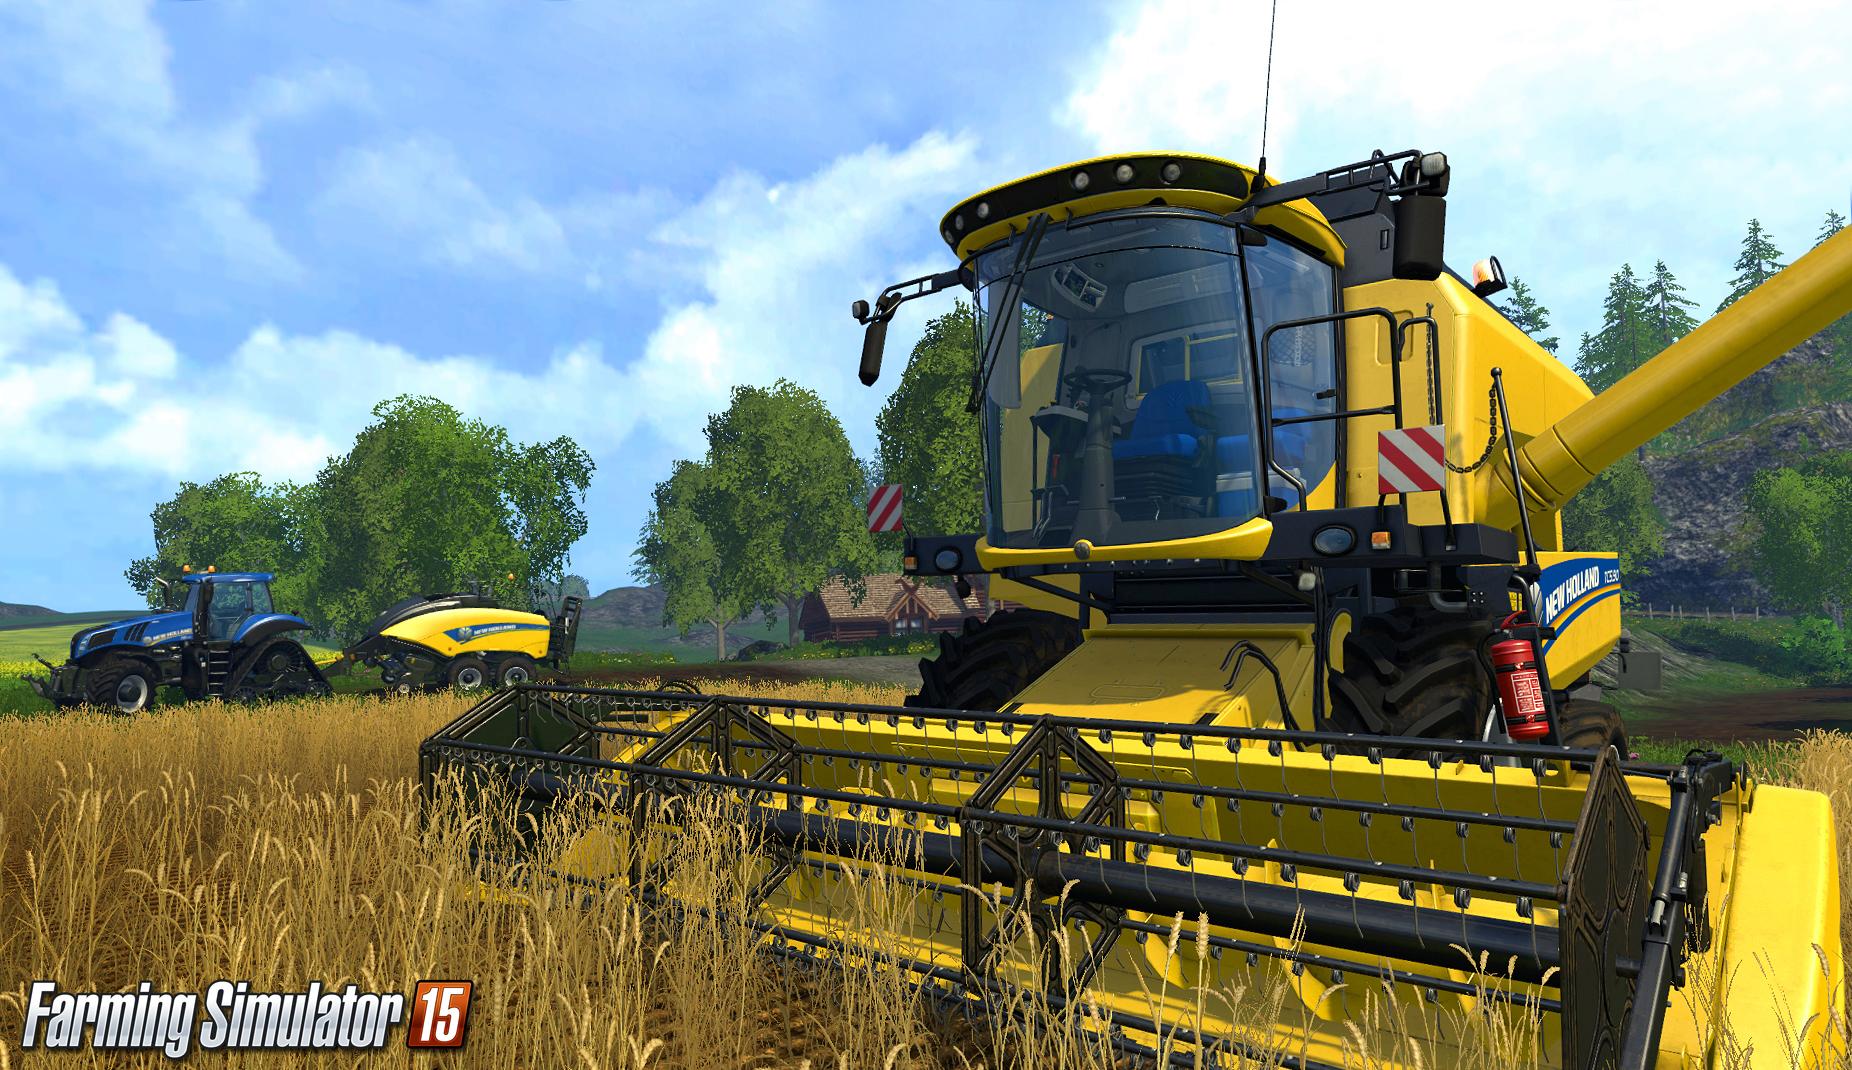 Farming Simulator, Football Manager, Destiny 2 : le best-of jeux vidéo de la semaine du 2 au 8 novembre 2014